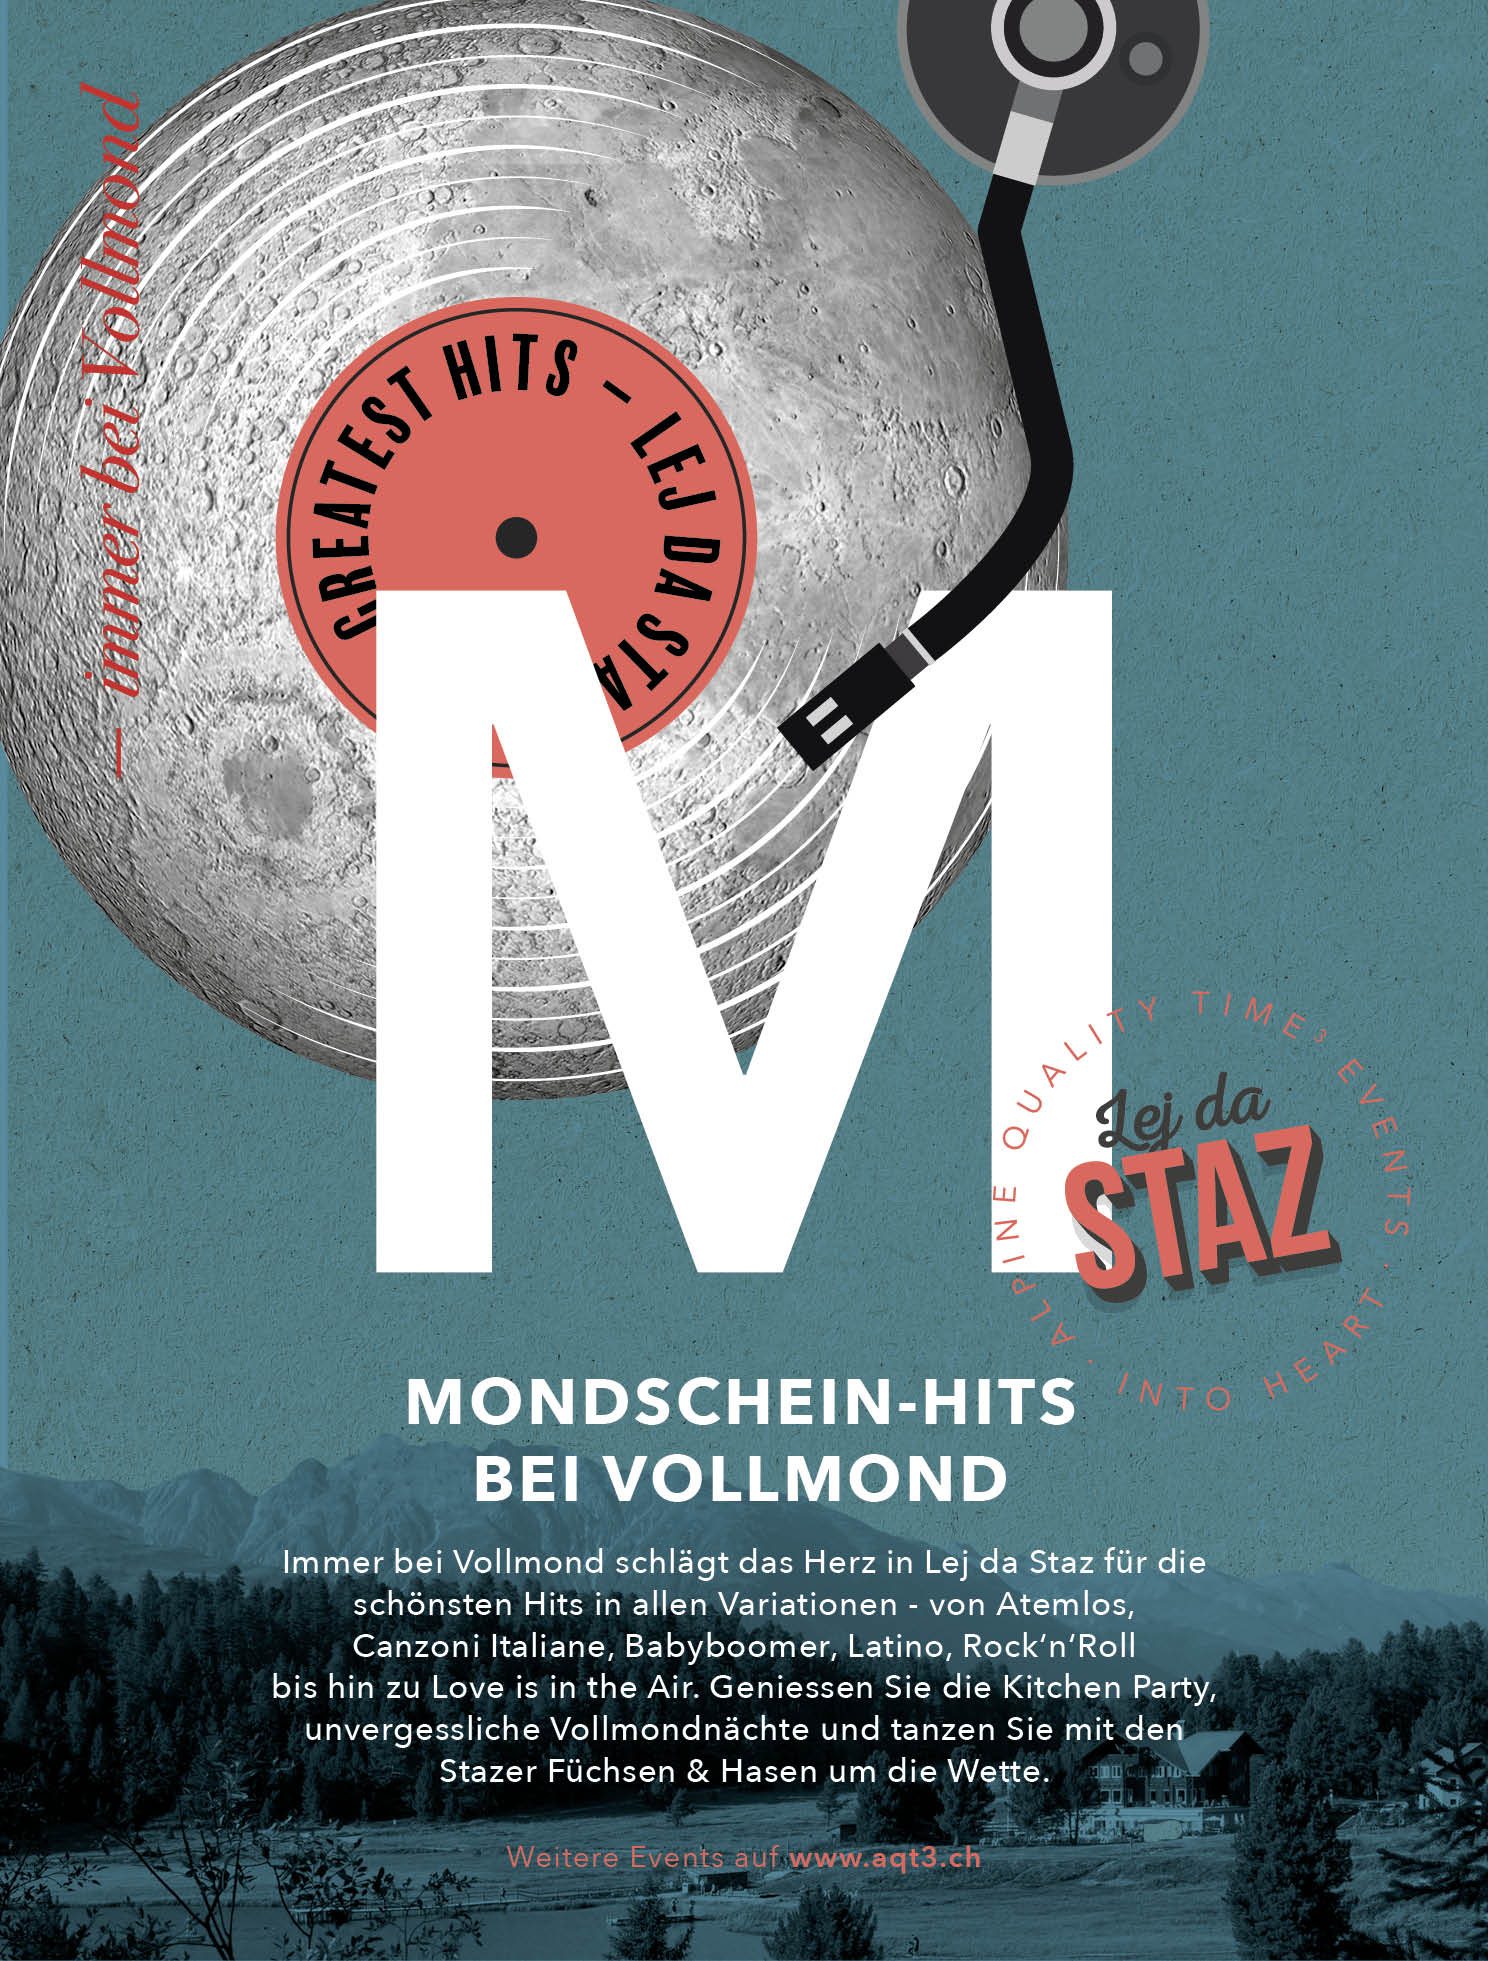 AQT3-events-monschein-hits-lejdastaz